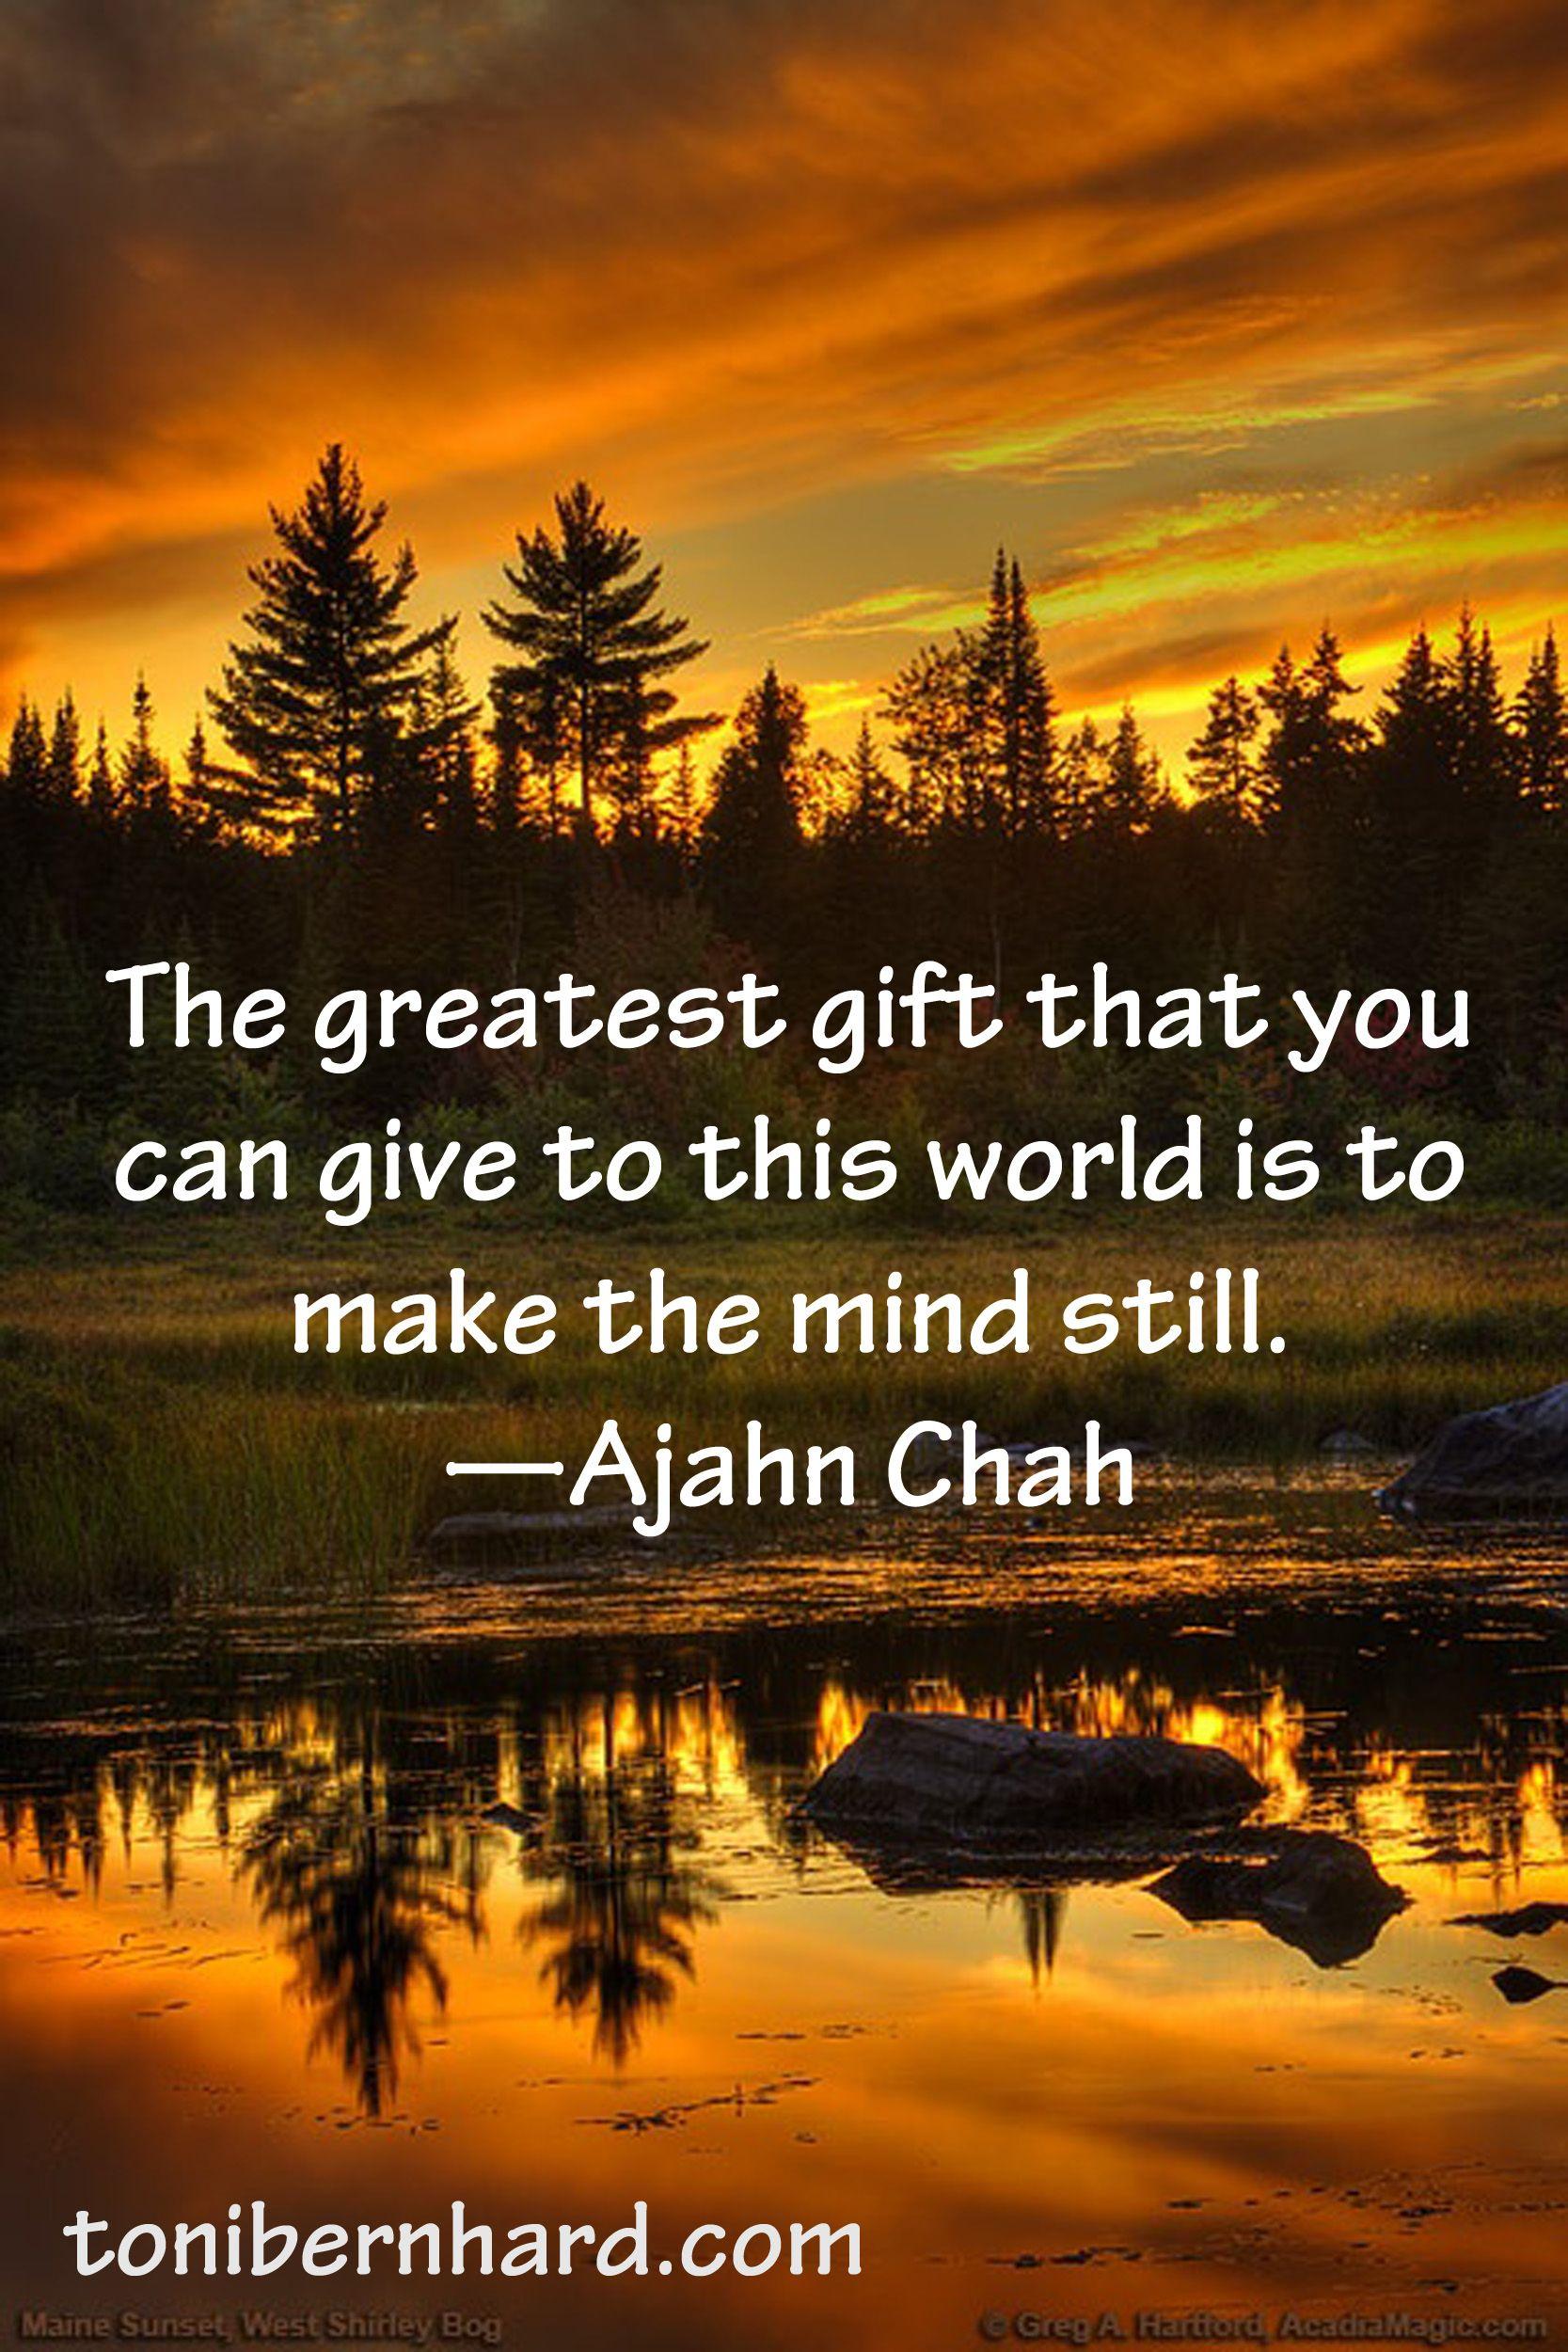 Ajahn Chah Quotes. QuotesGram